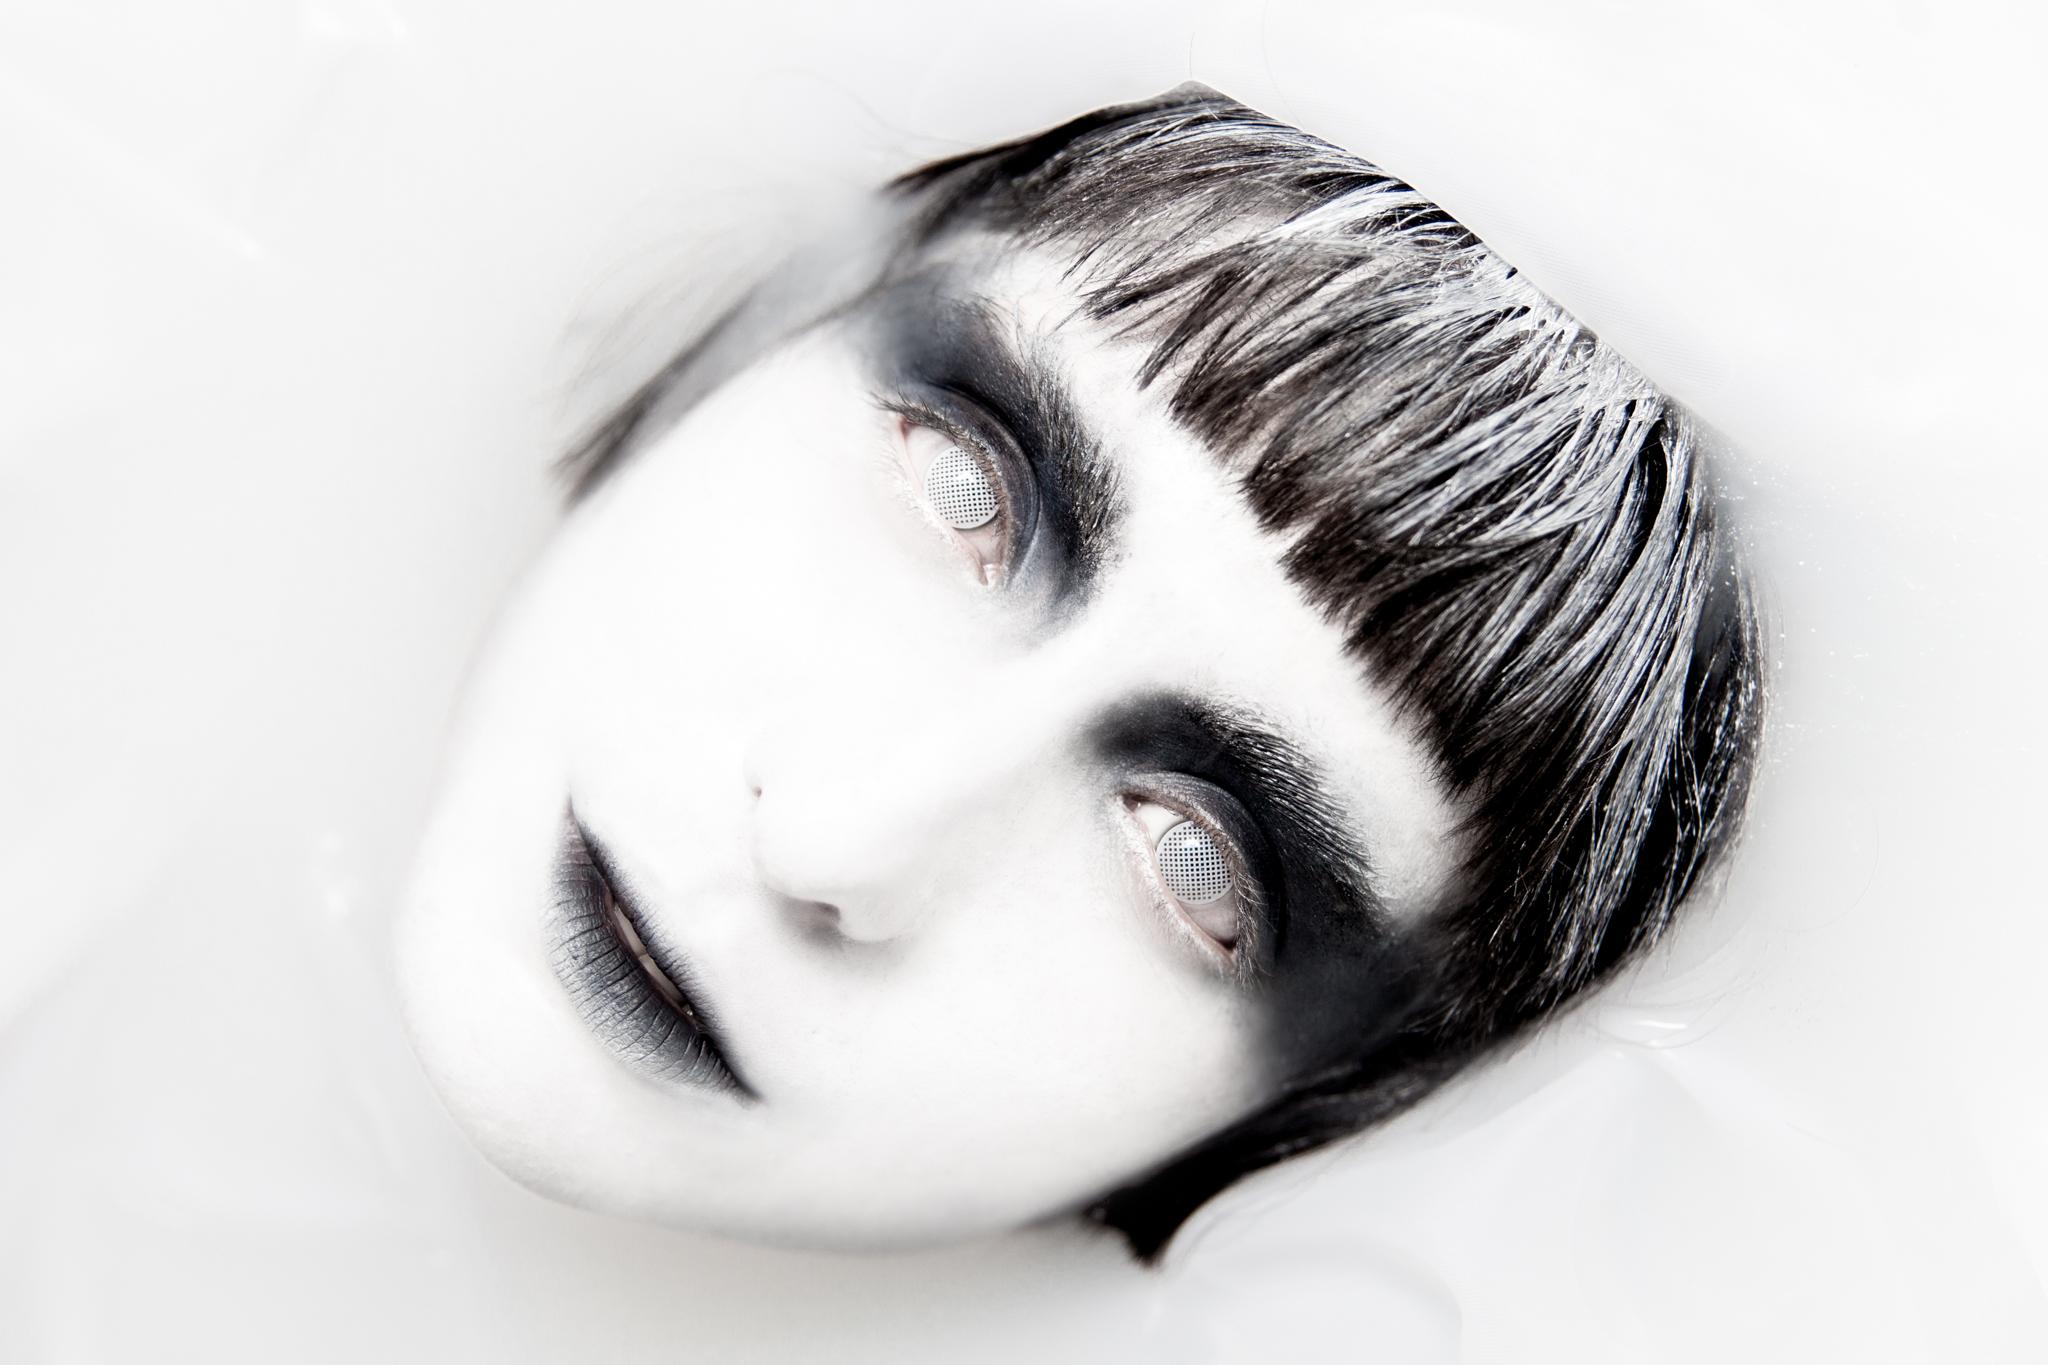 whomstudio_lisa-martin_milk-ghost_0013_2048.jpg